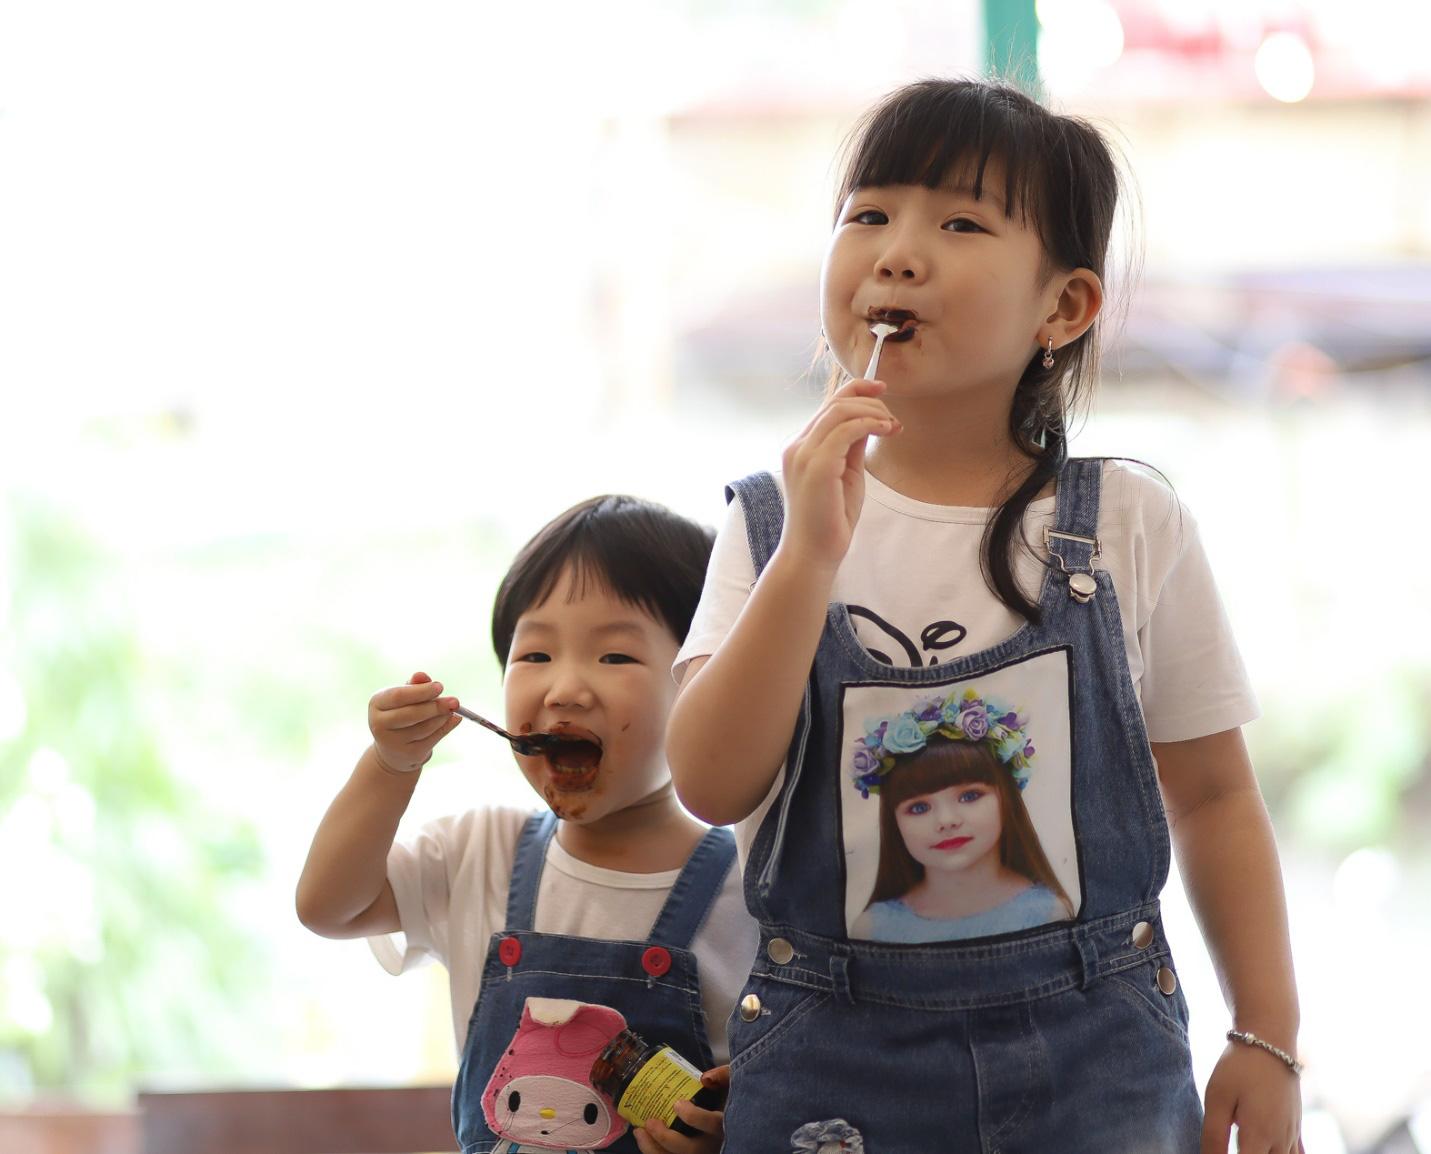 Cách lựa chọn thực phẩm tăng đề kháng, hỗ trợ giảm ho cho bé trong mùa dịch Covid-19 - Ảnh 2.